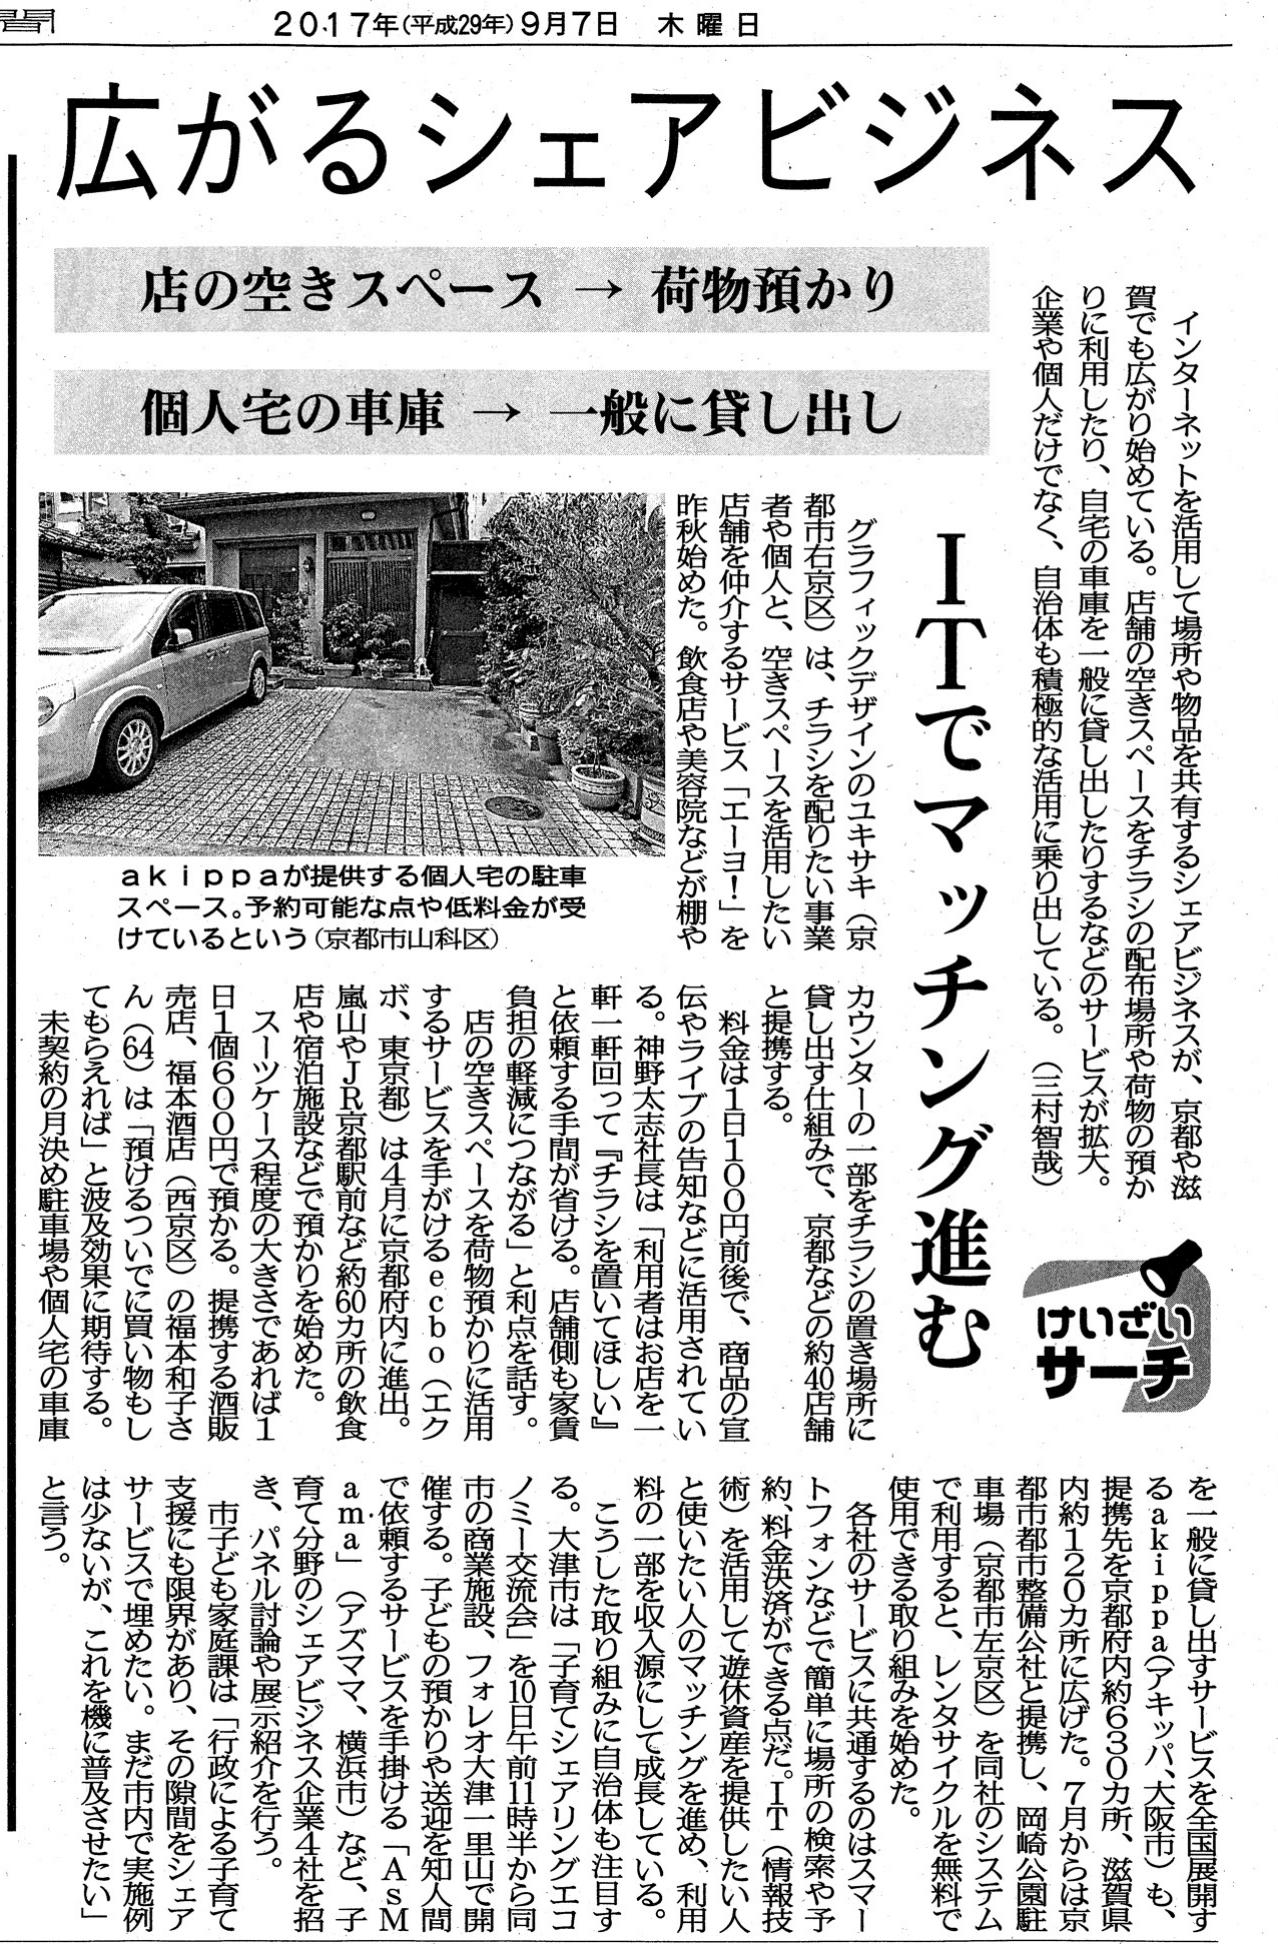 2017年9月7日 京都新聞